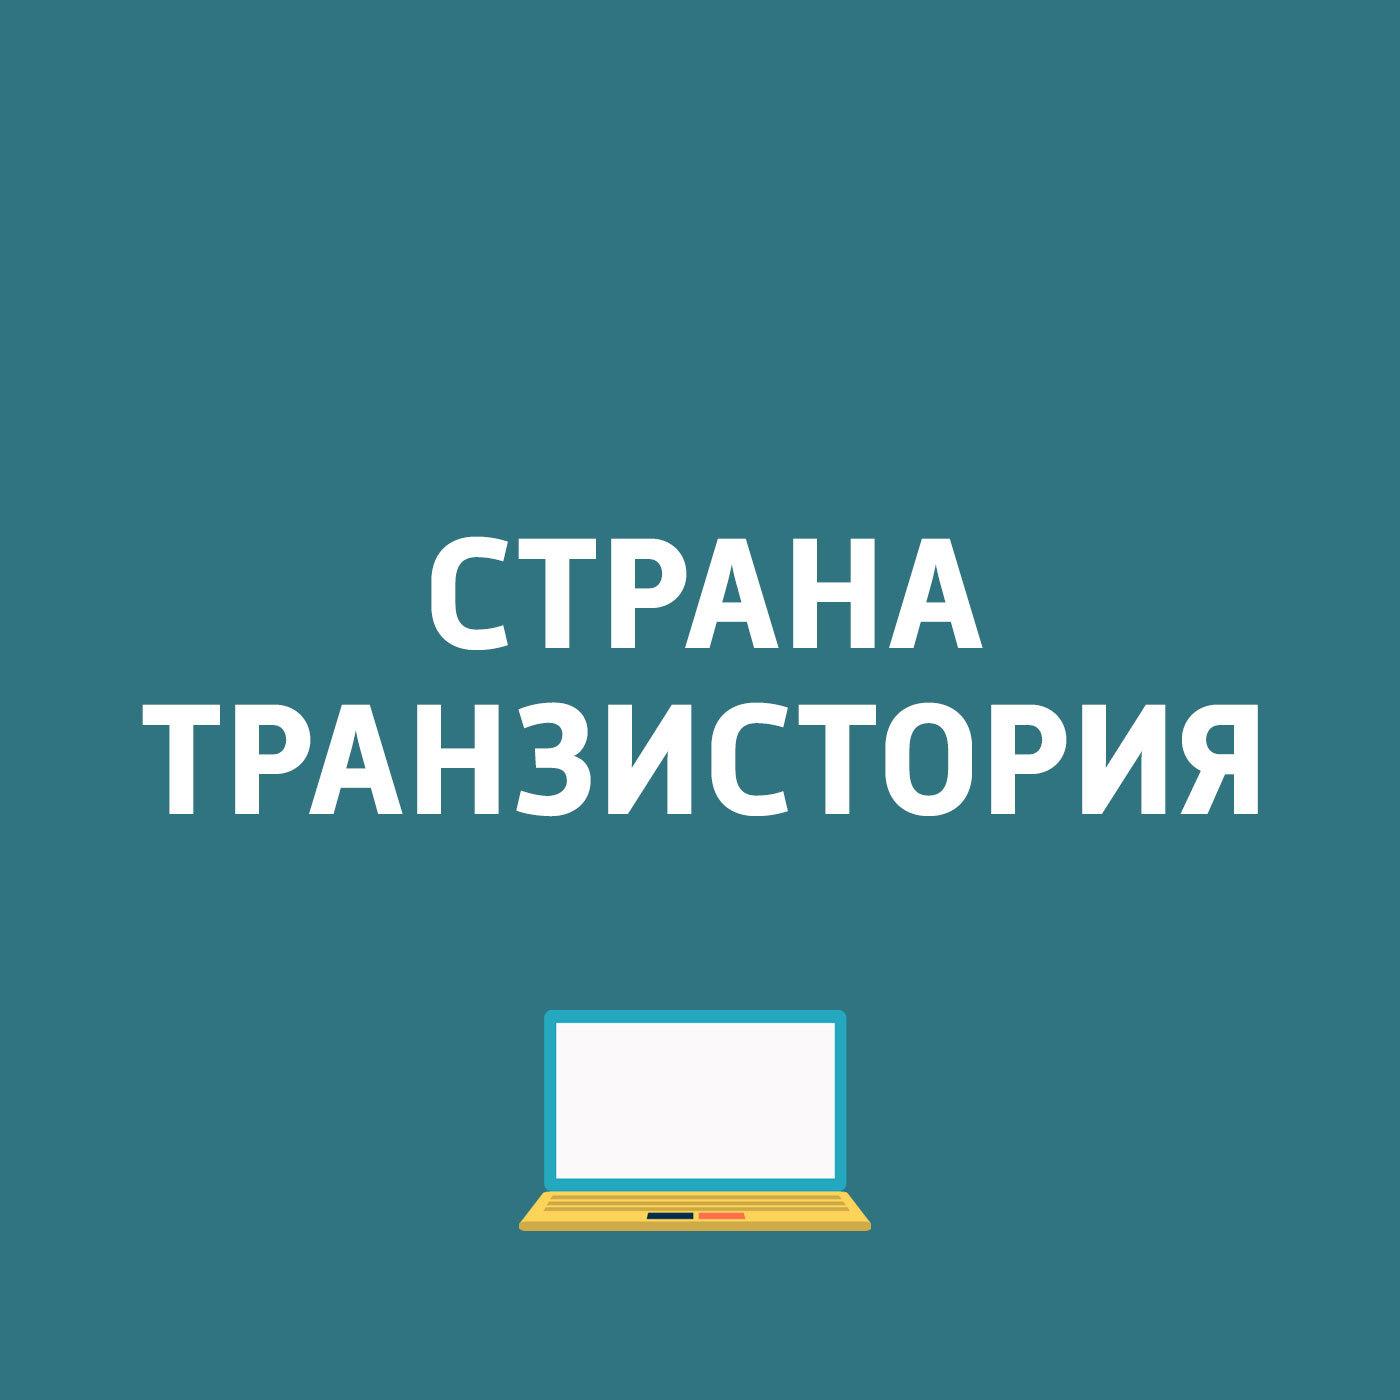 купить Картаев Павел Oukitel K6000 Premium получит 6 ГБ ОЗУ. LeEco Le 2 лишится 3,5-мм разъема.... онлайн